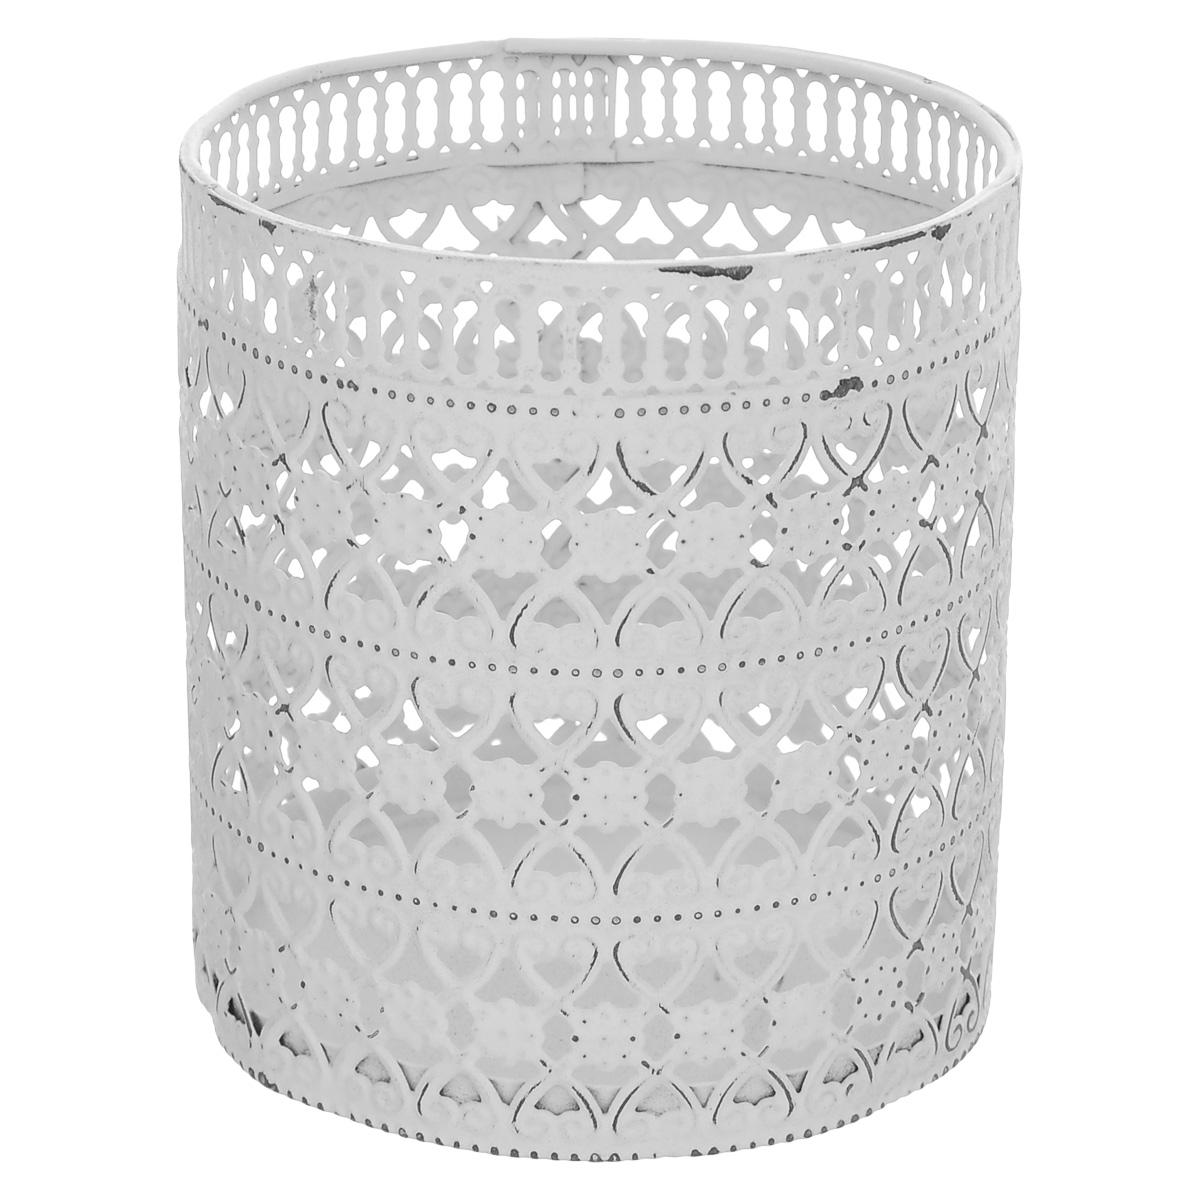 Декоративный подсвечник Blossom Line, цвет: состаренный белый, диаметр 9 смBL0070108Подсвечник Blossom Line изготовлен из окрашенного металла и декорирован изящным узором. Такой подсвечник - прекрасный выбор для тех, кто хочет сделать запоминающийся подарок родным и близким. Кроме того, он может хорошо вписаться в интерьер вашего дома или дачи. Изделие можно декорировать разными материалами (наклейки, ткань, ленты, декоративные цветы и многое другое) и сделать оригинальную композицию. Диаметр подсвечника: 9 см. Высота подсвечника: 10 см.